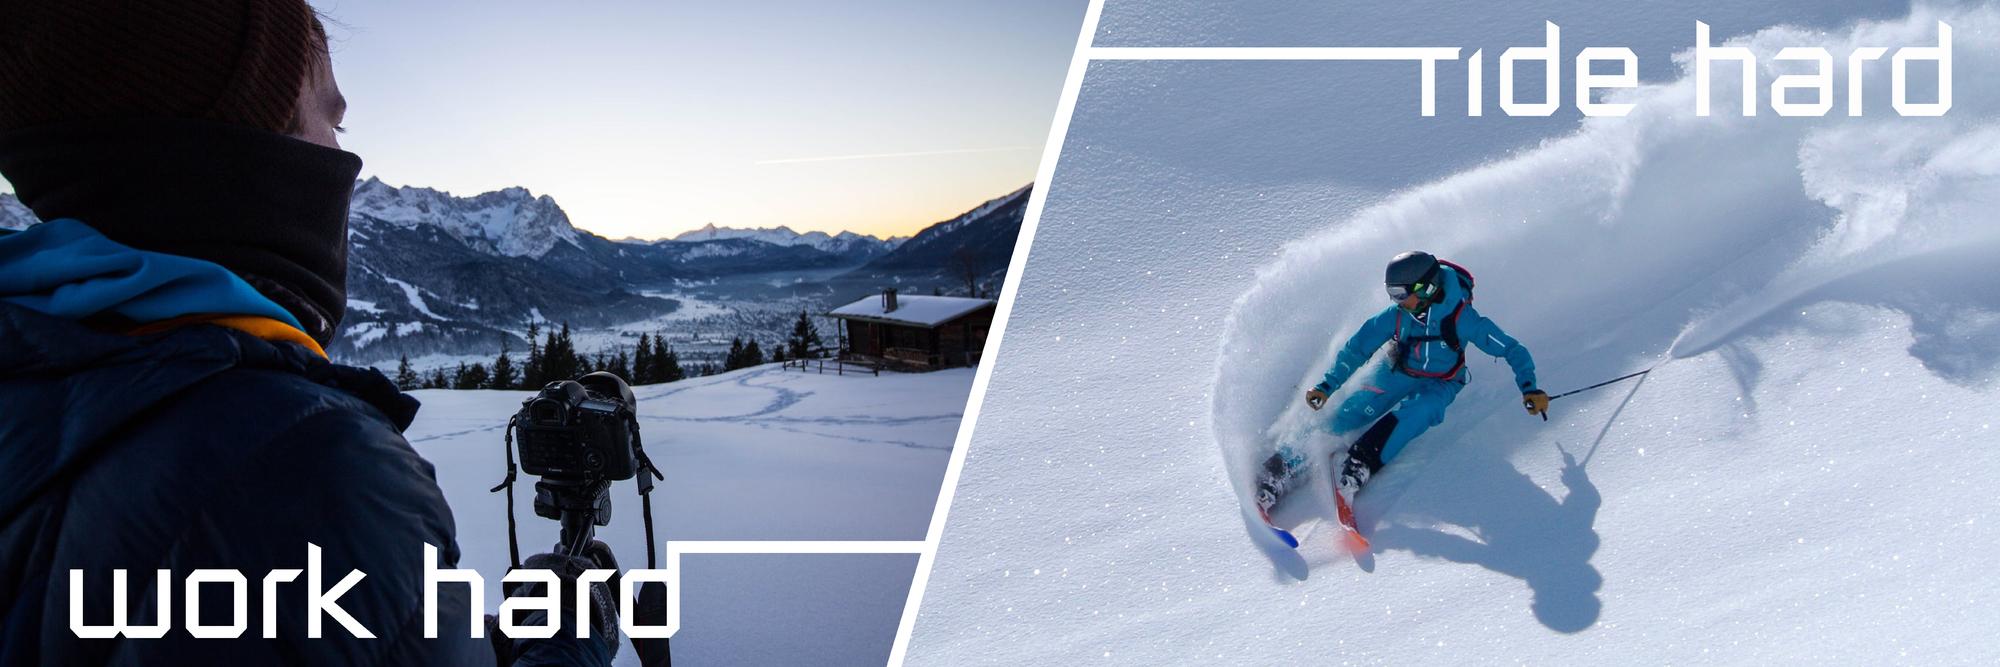 winterfotograaf.jpg